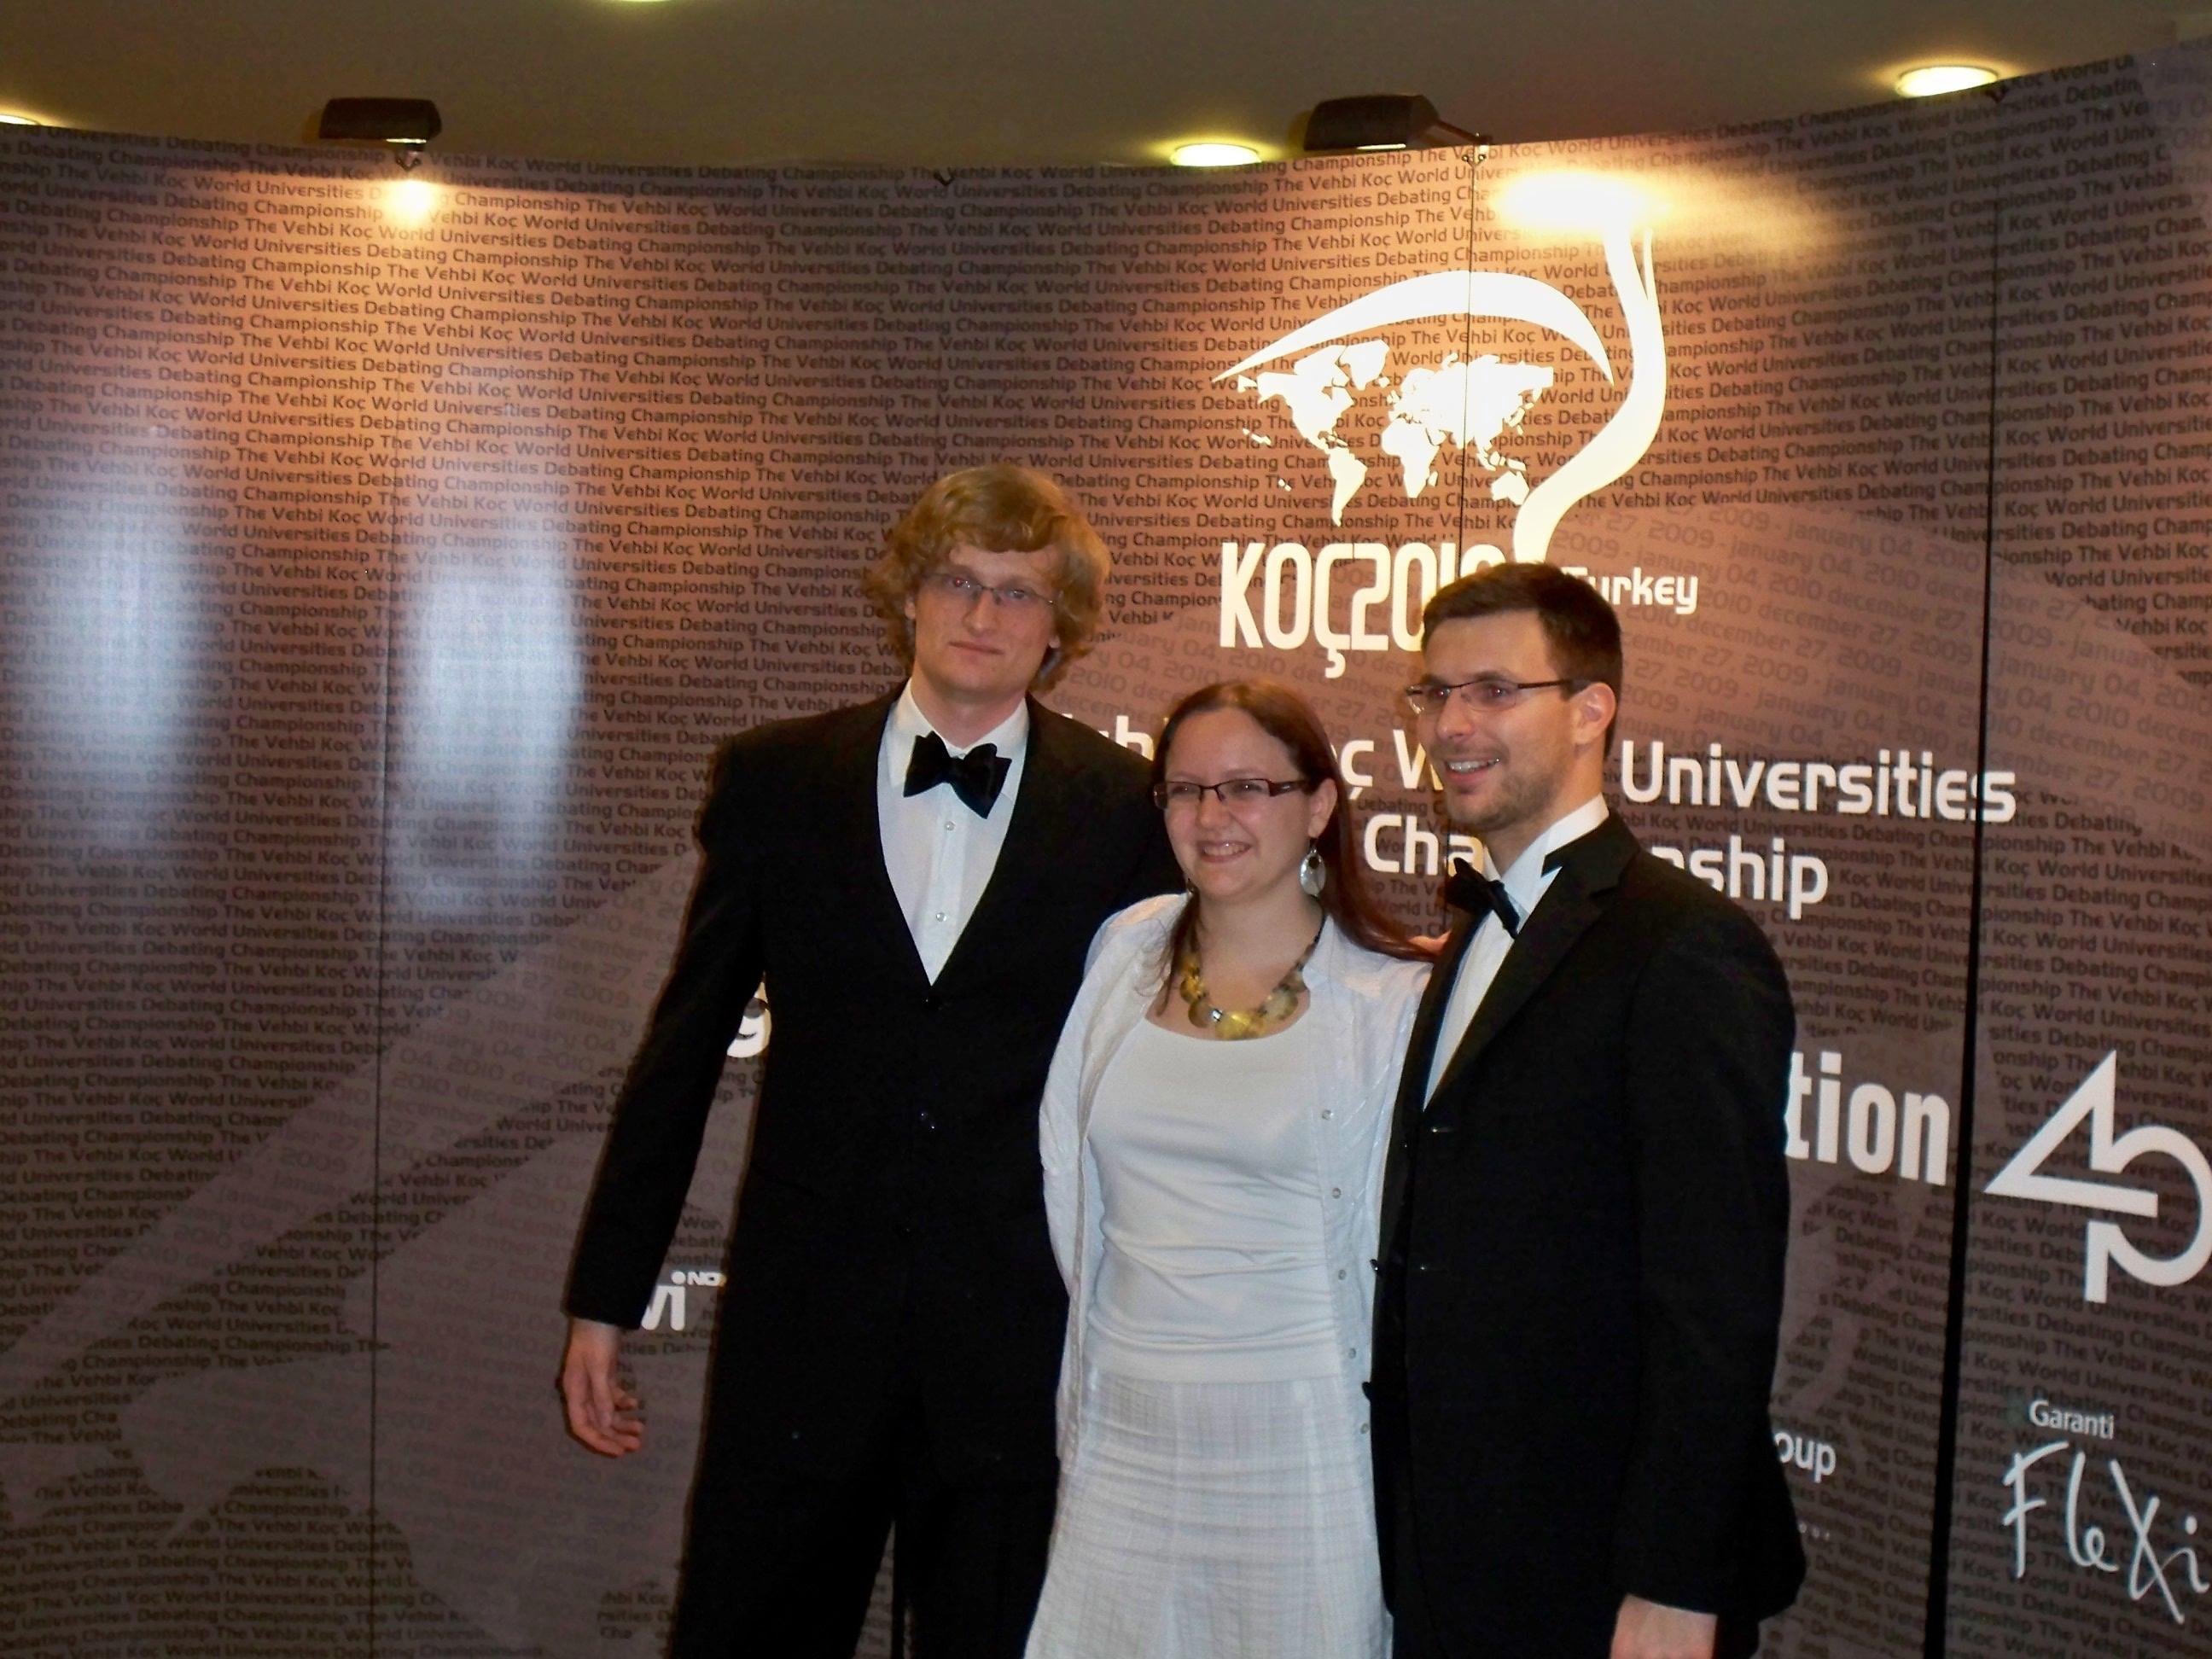 Koç Worlds 2010 - Team Austria: Leonhard Weese, Sabine Reinalter, Lukas Grill (left to right)